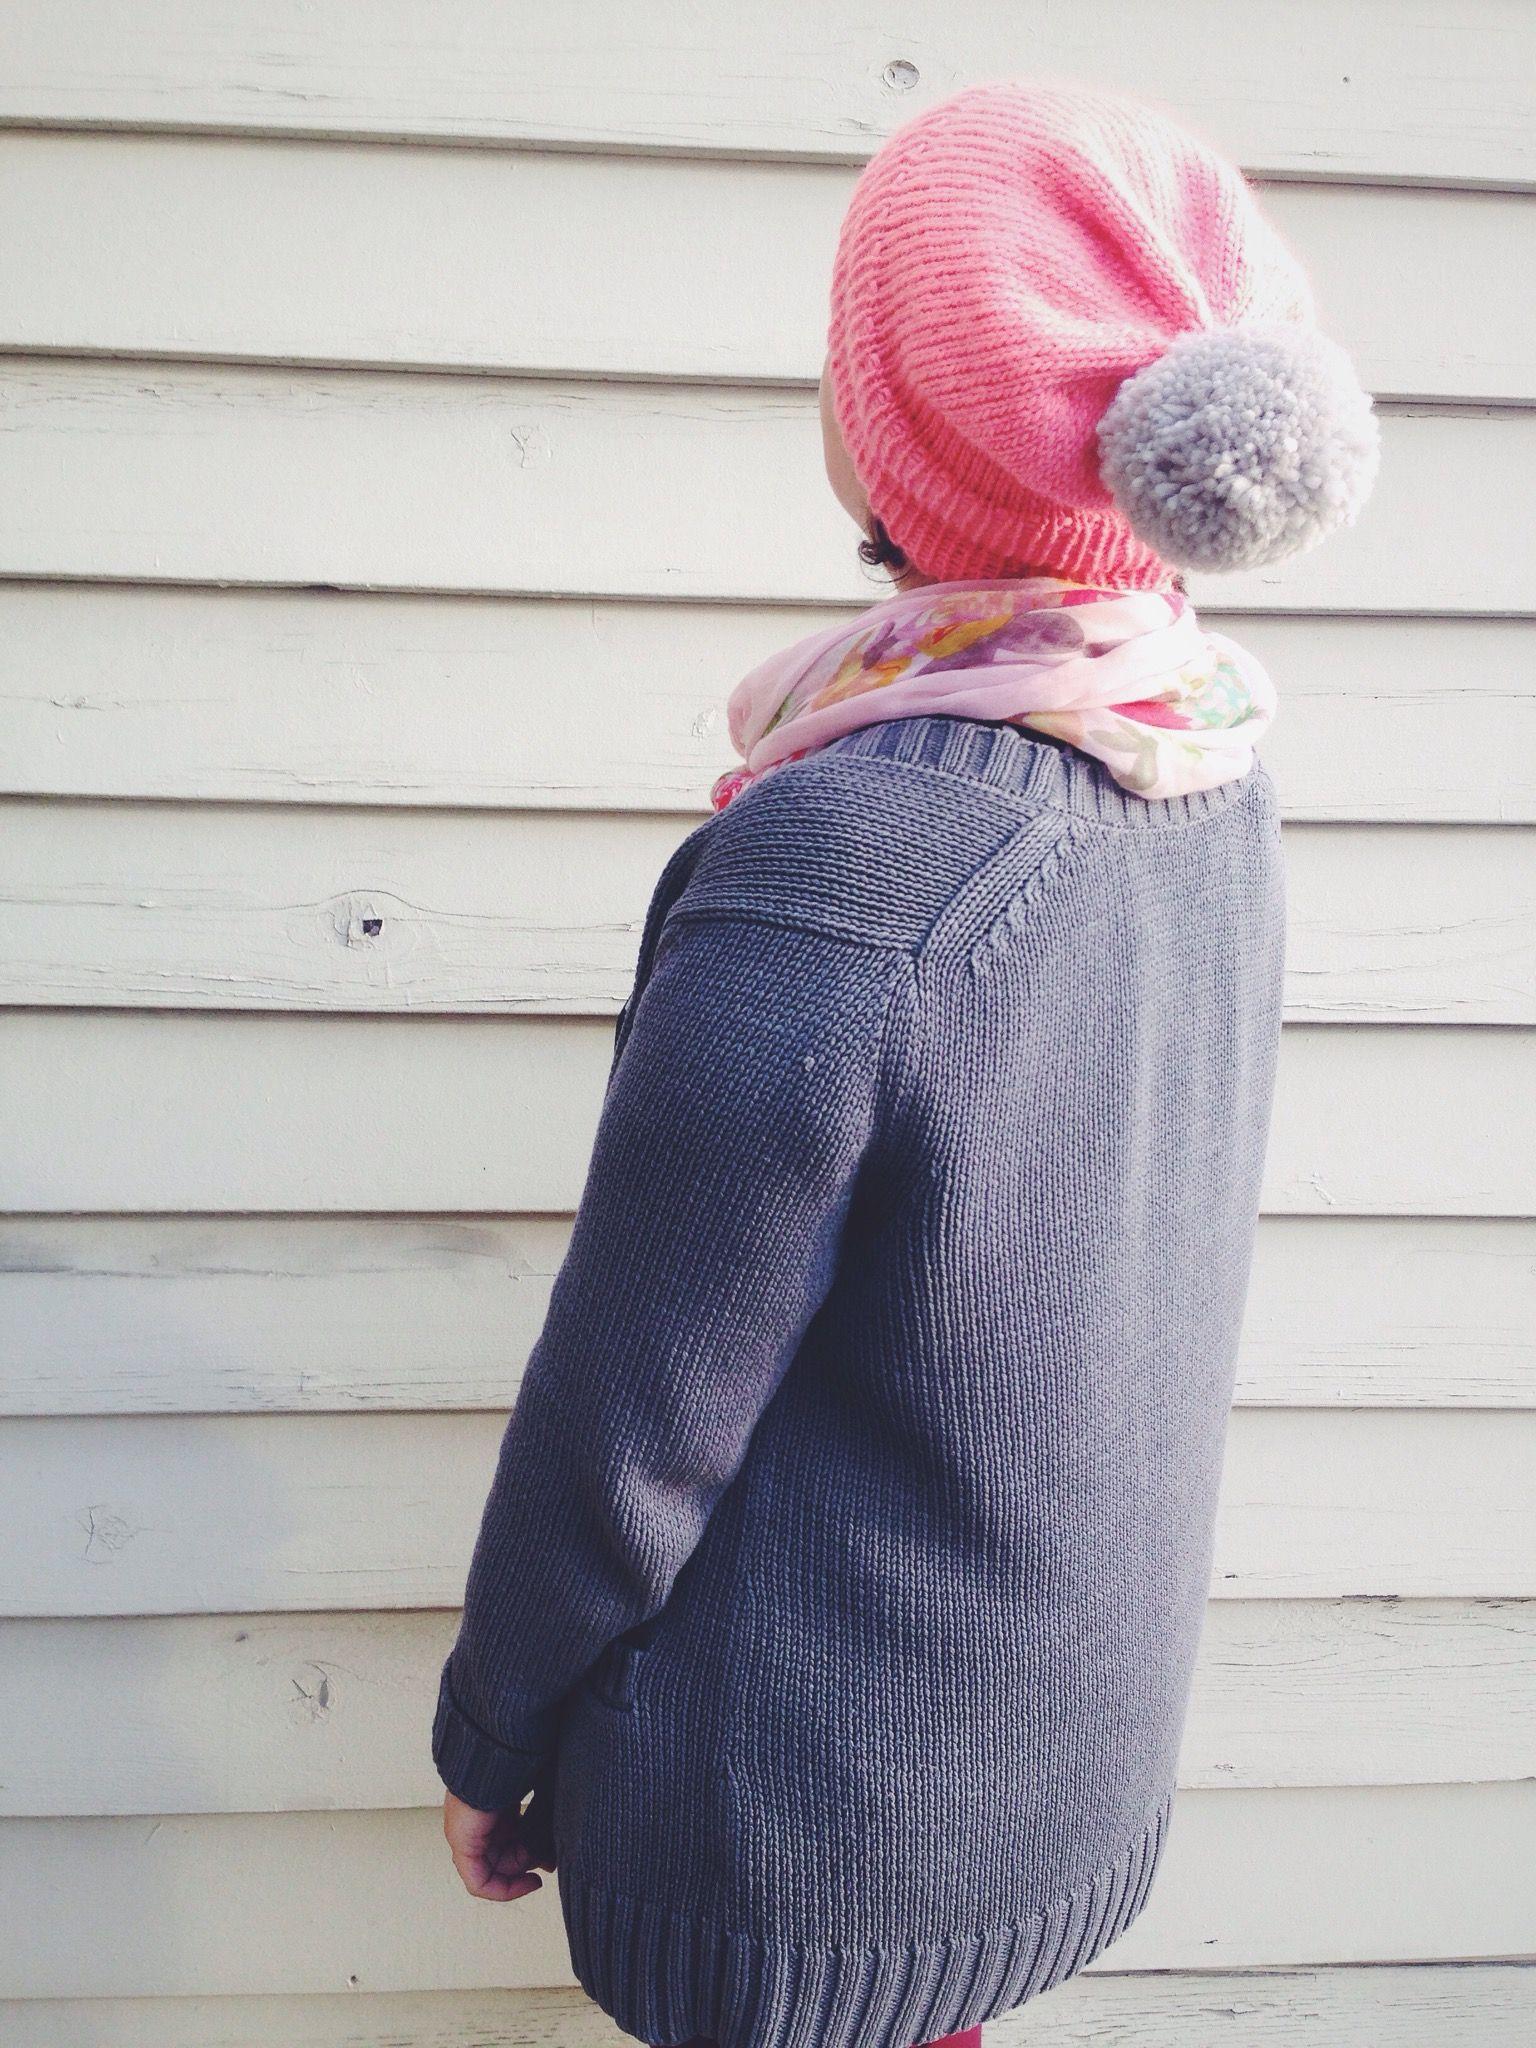 Slouchy Pom Pom Hat – A Free Knitting Pattern | Pom pom hat, Free ...